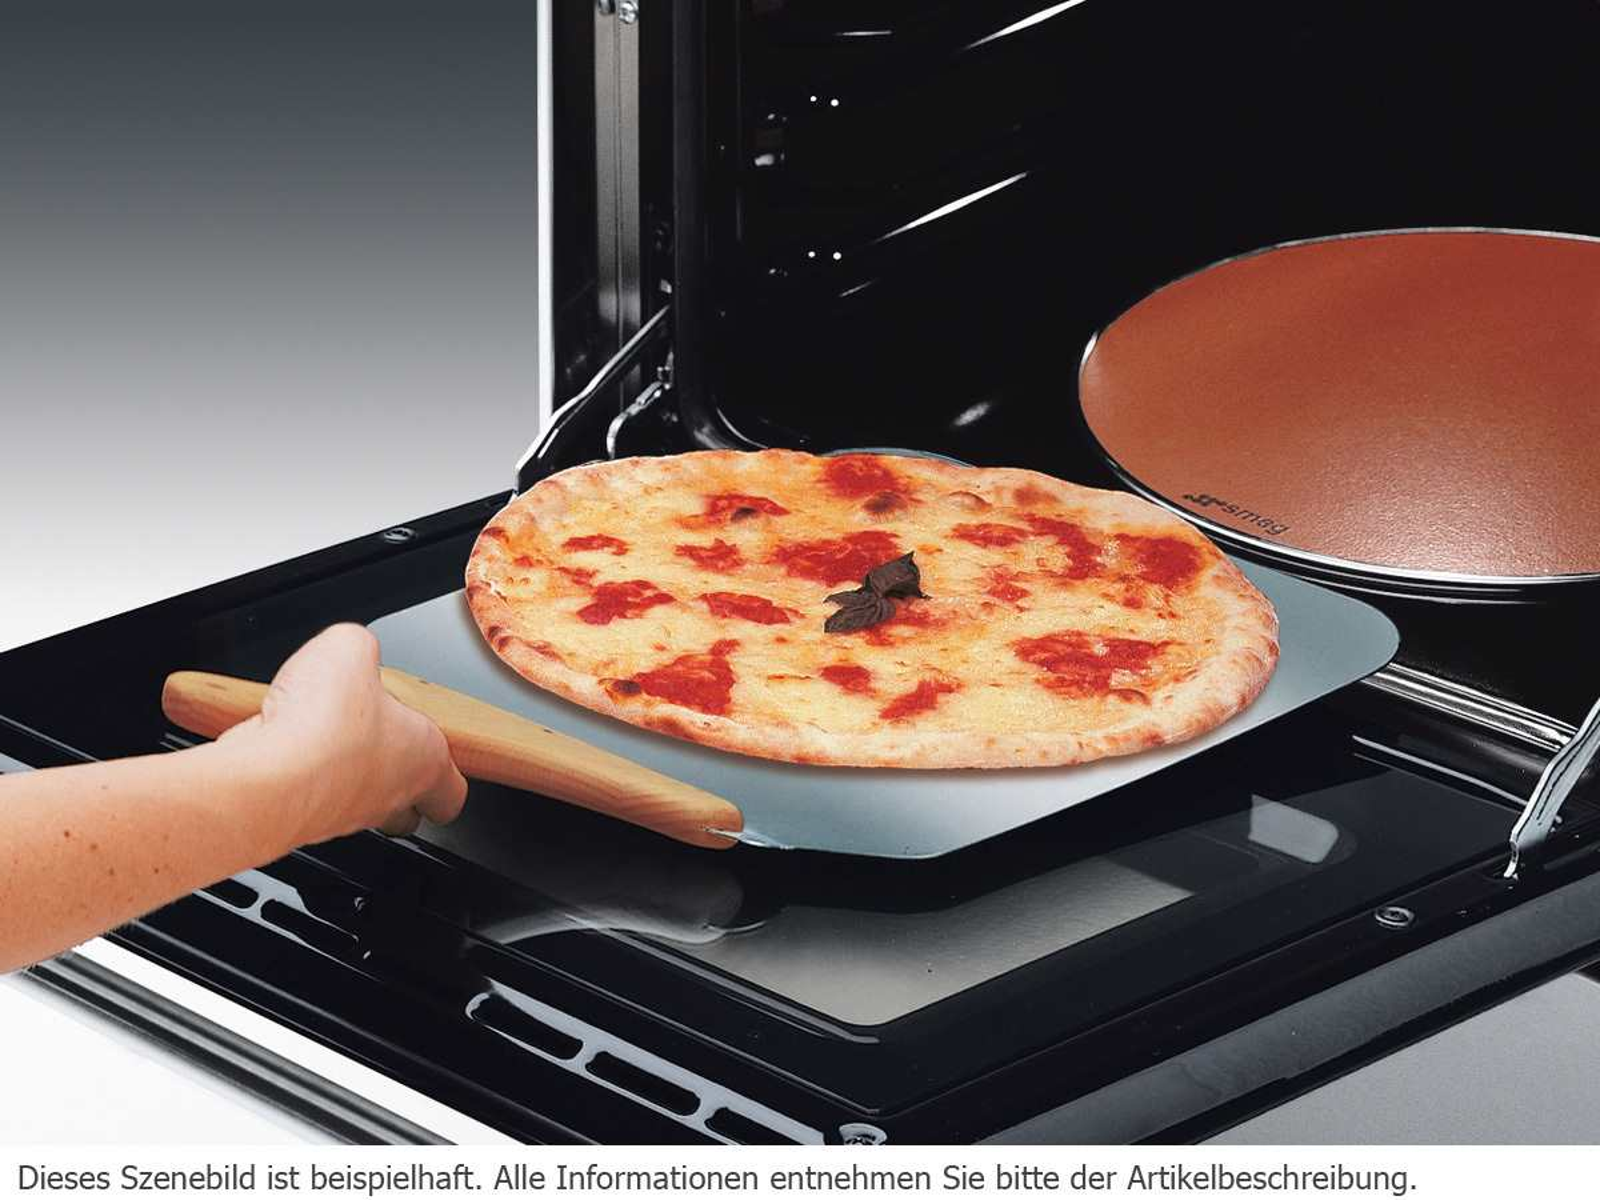 Smeg PRTX Pizzastein